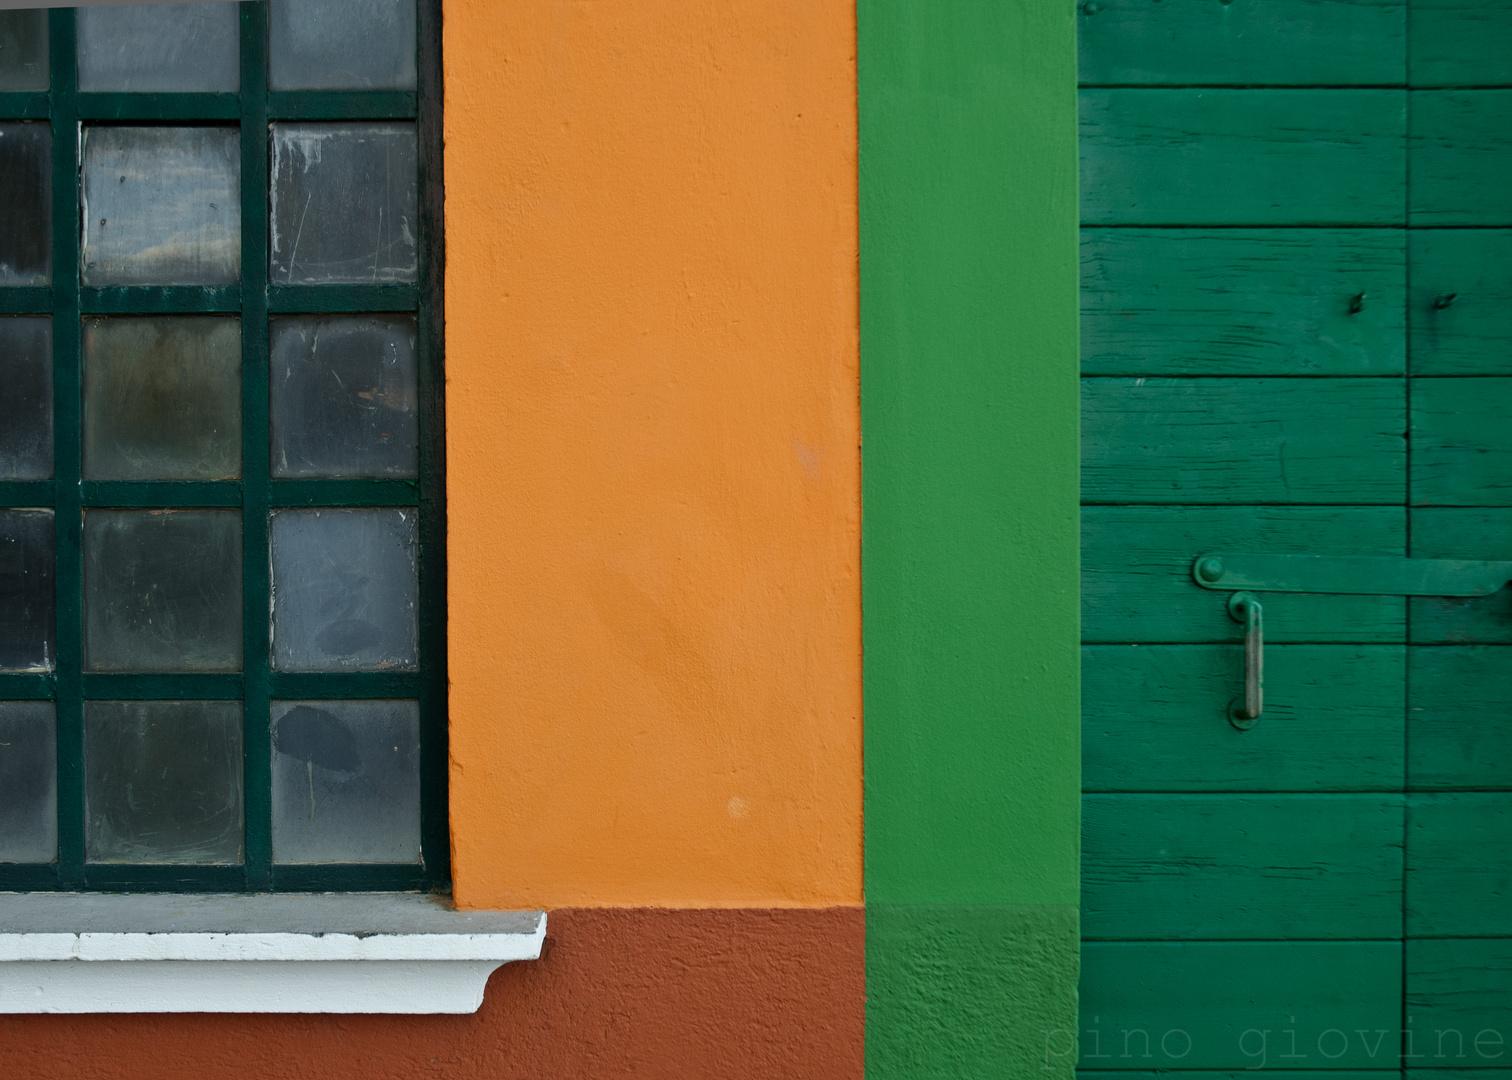 le mur, le verre, le bois et les couleurs.